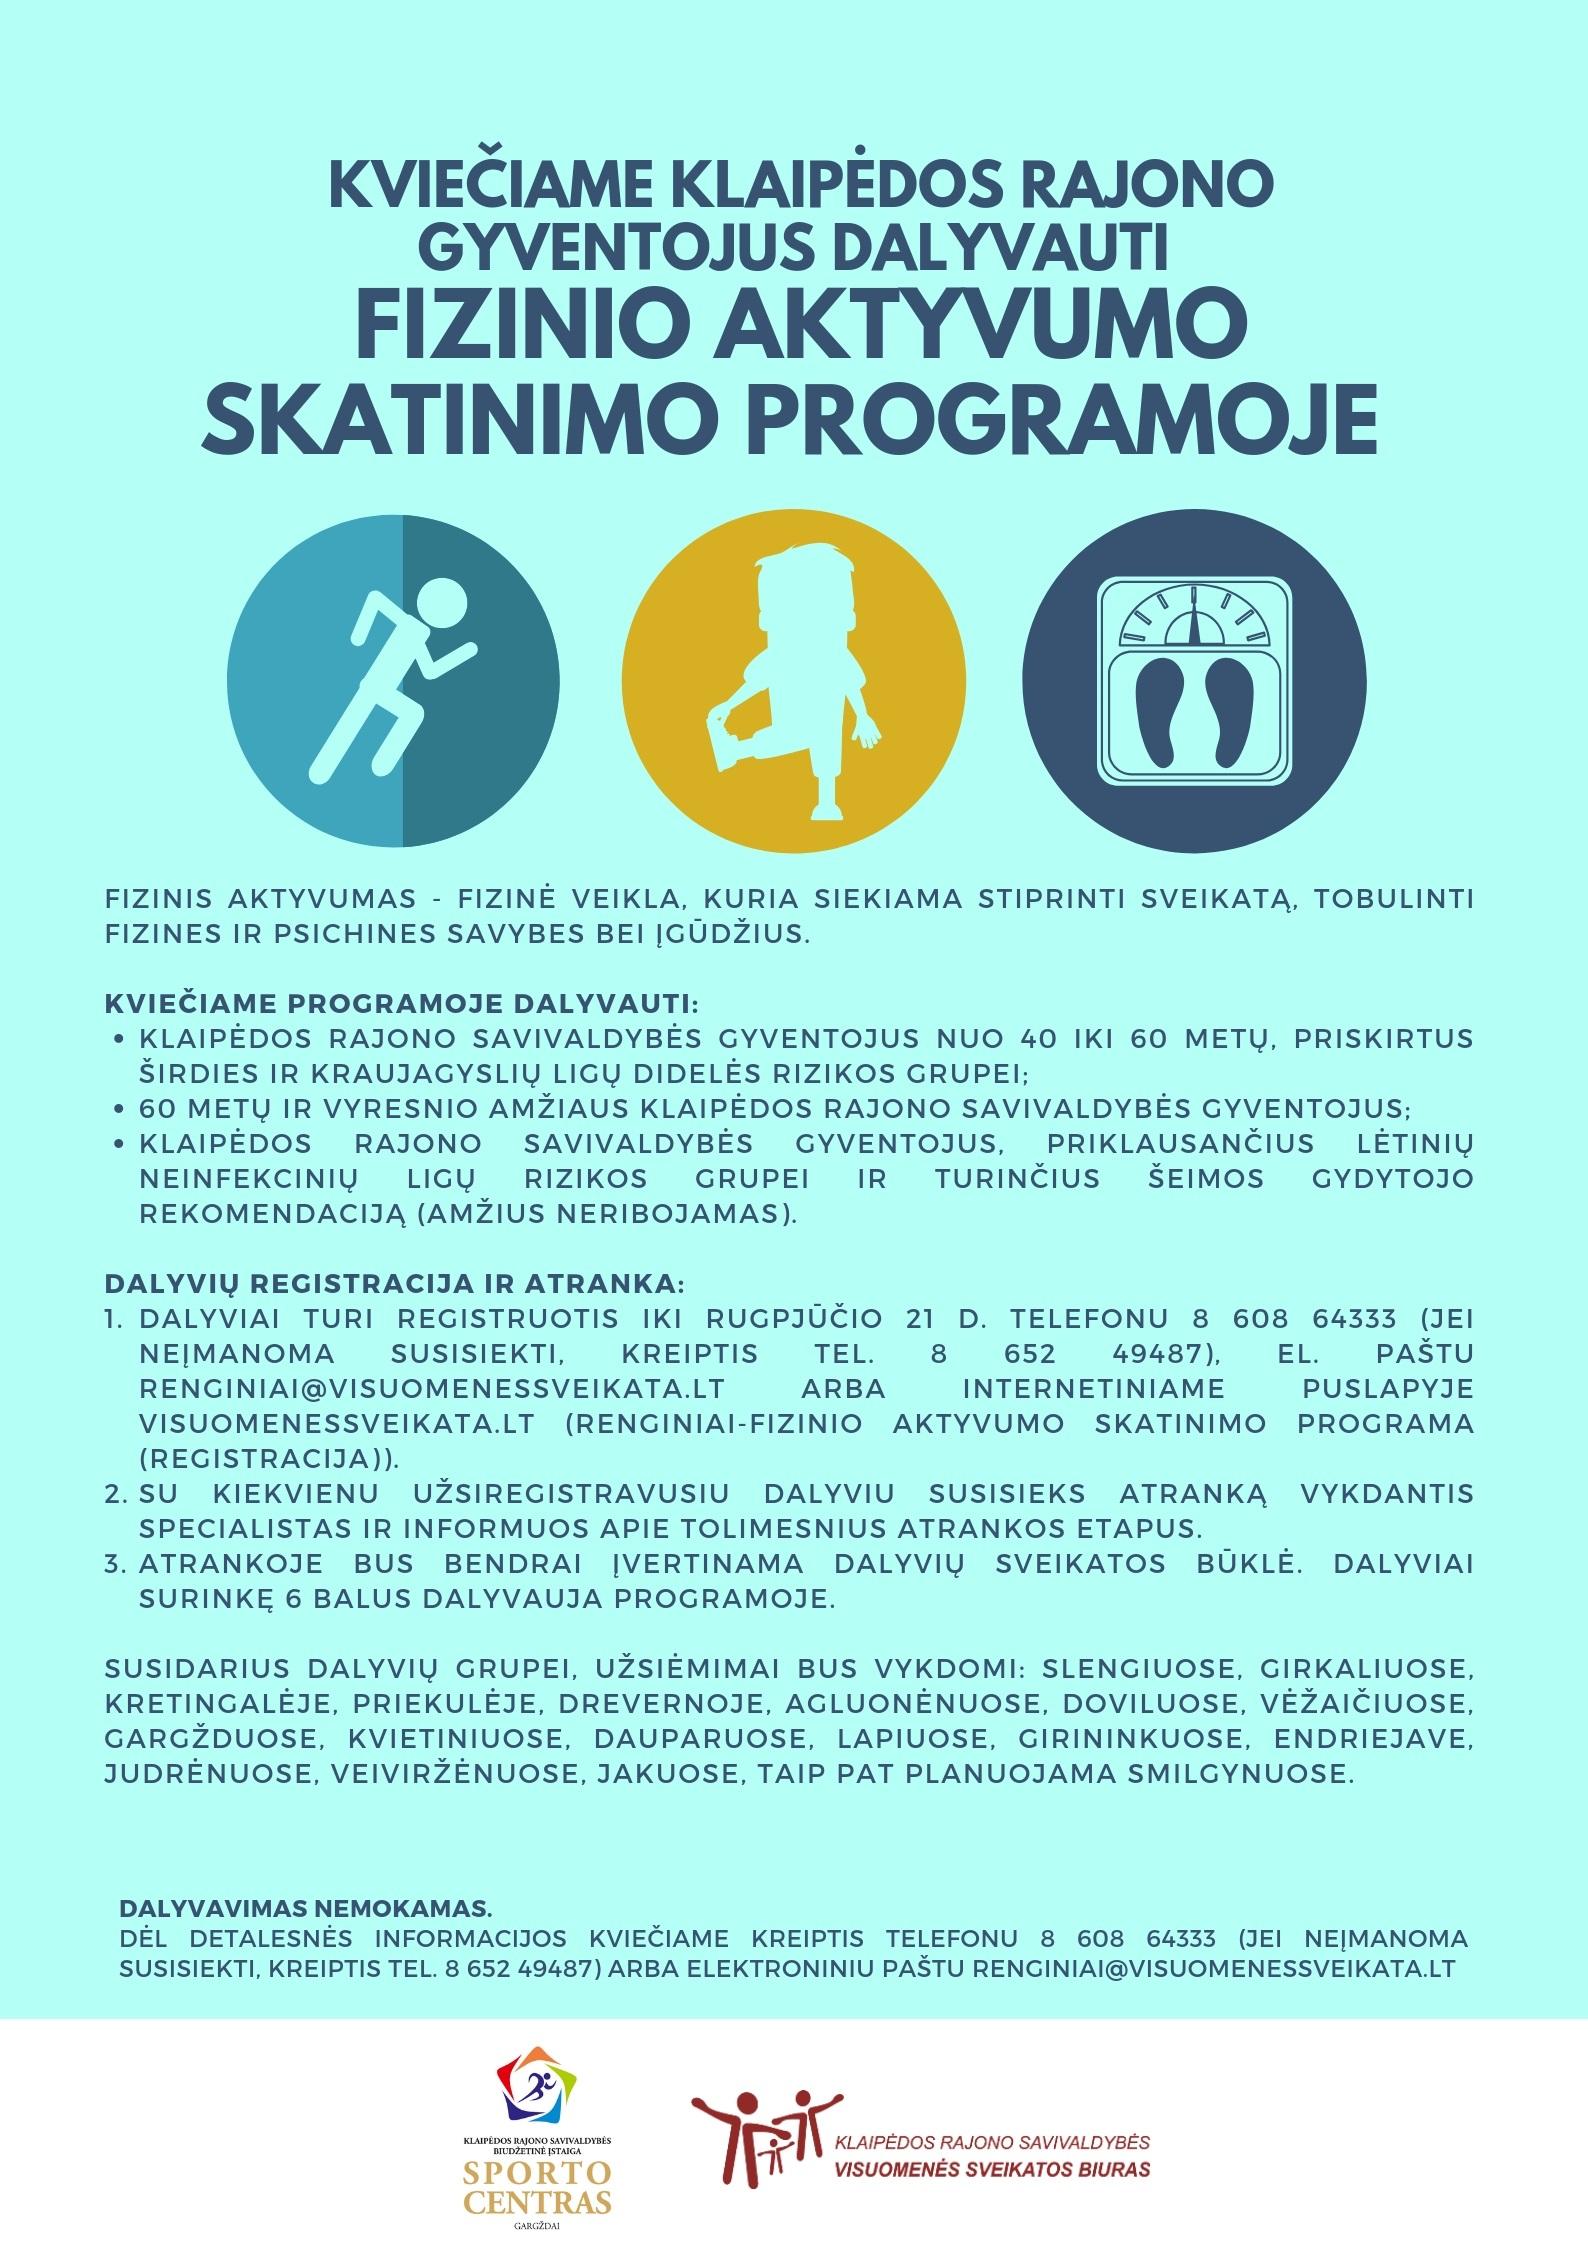 Kviečiame Klaipėdos rajono gyventojus dalyvauti fizinio aktyvumo skatinimo programoje